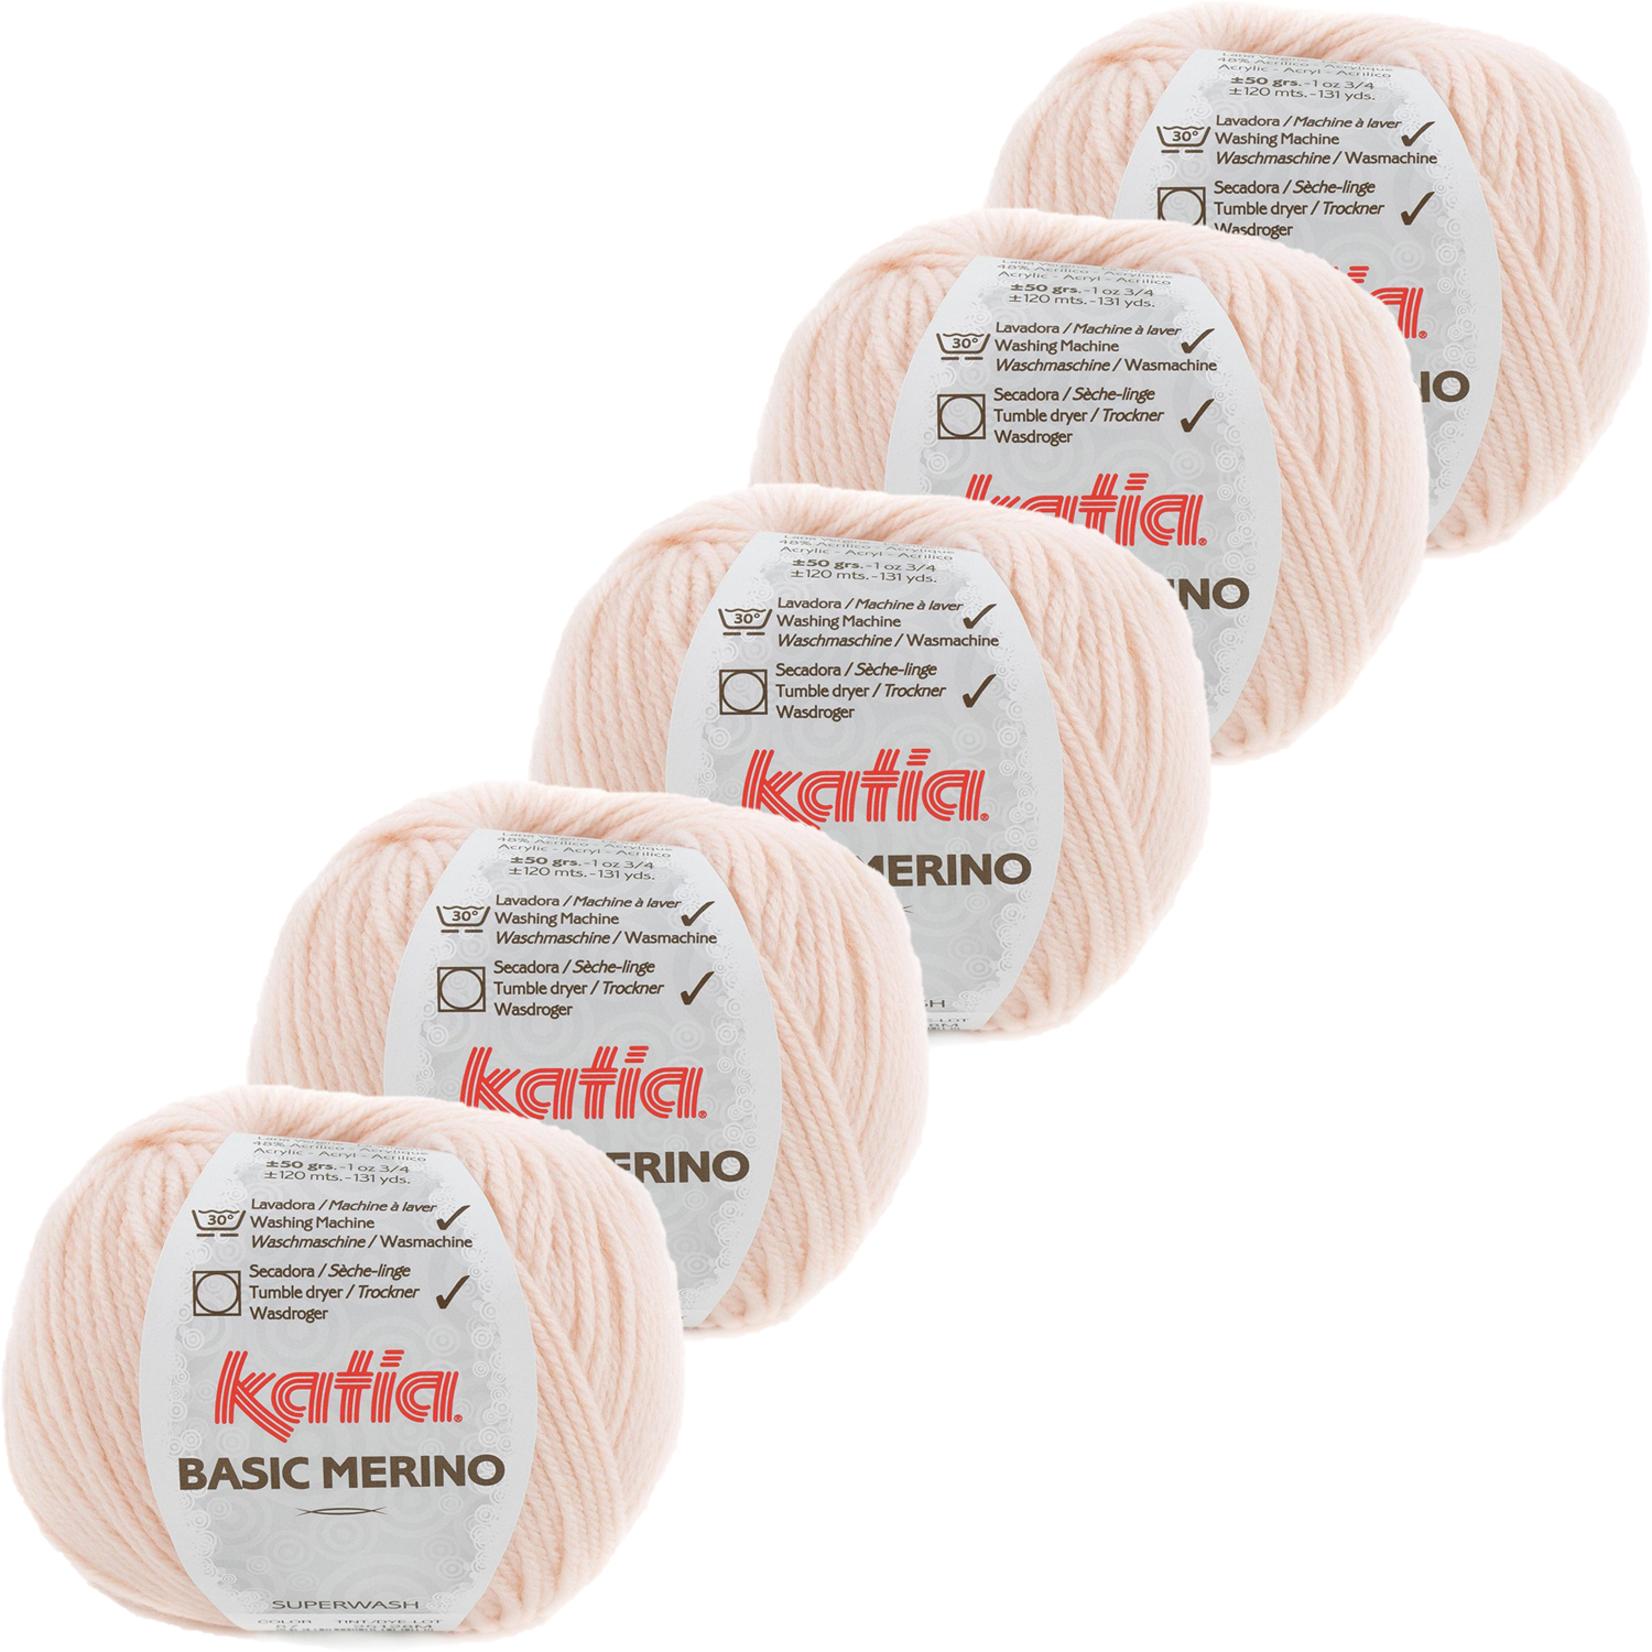 Katia Basic Merino - kleur 87_Zeer licht bleekrood - bundel 5 bollen 50 gr.  van 120 m.